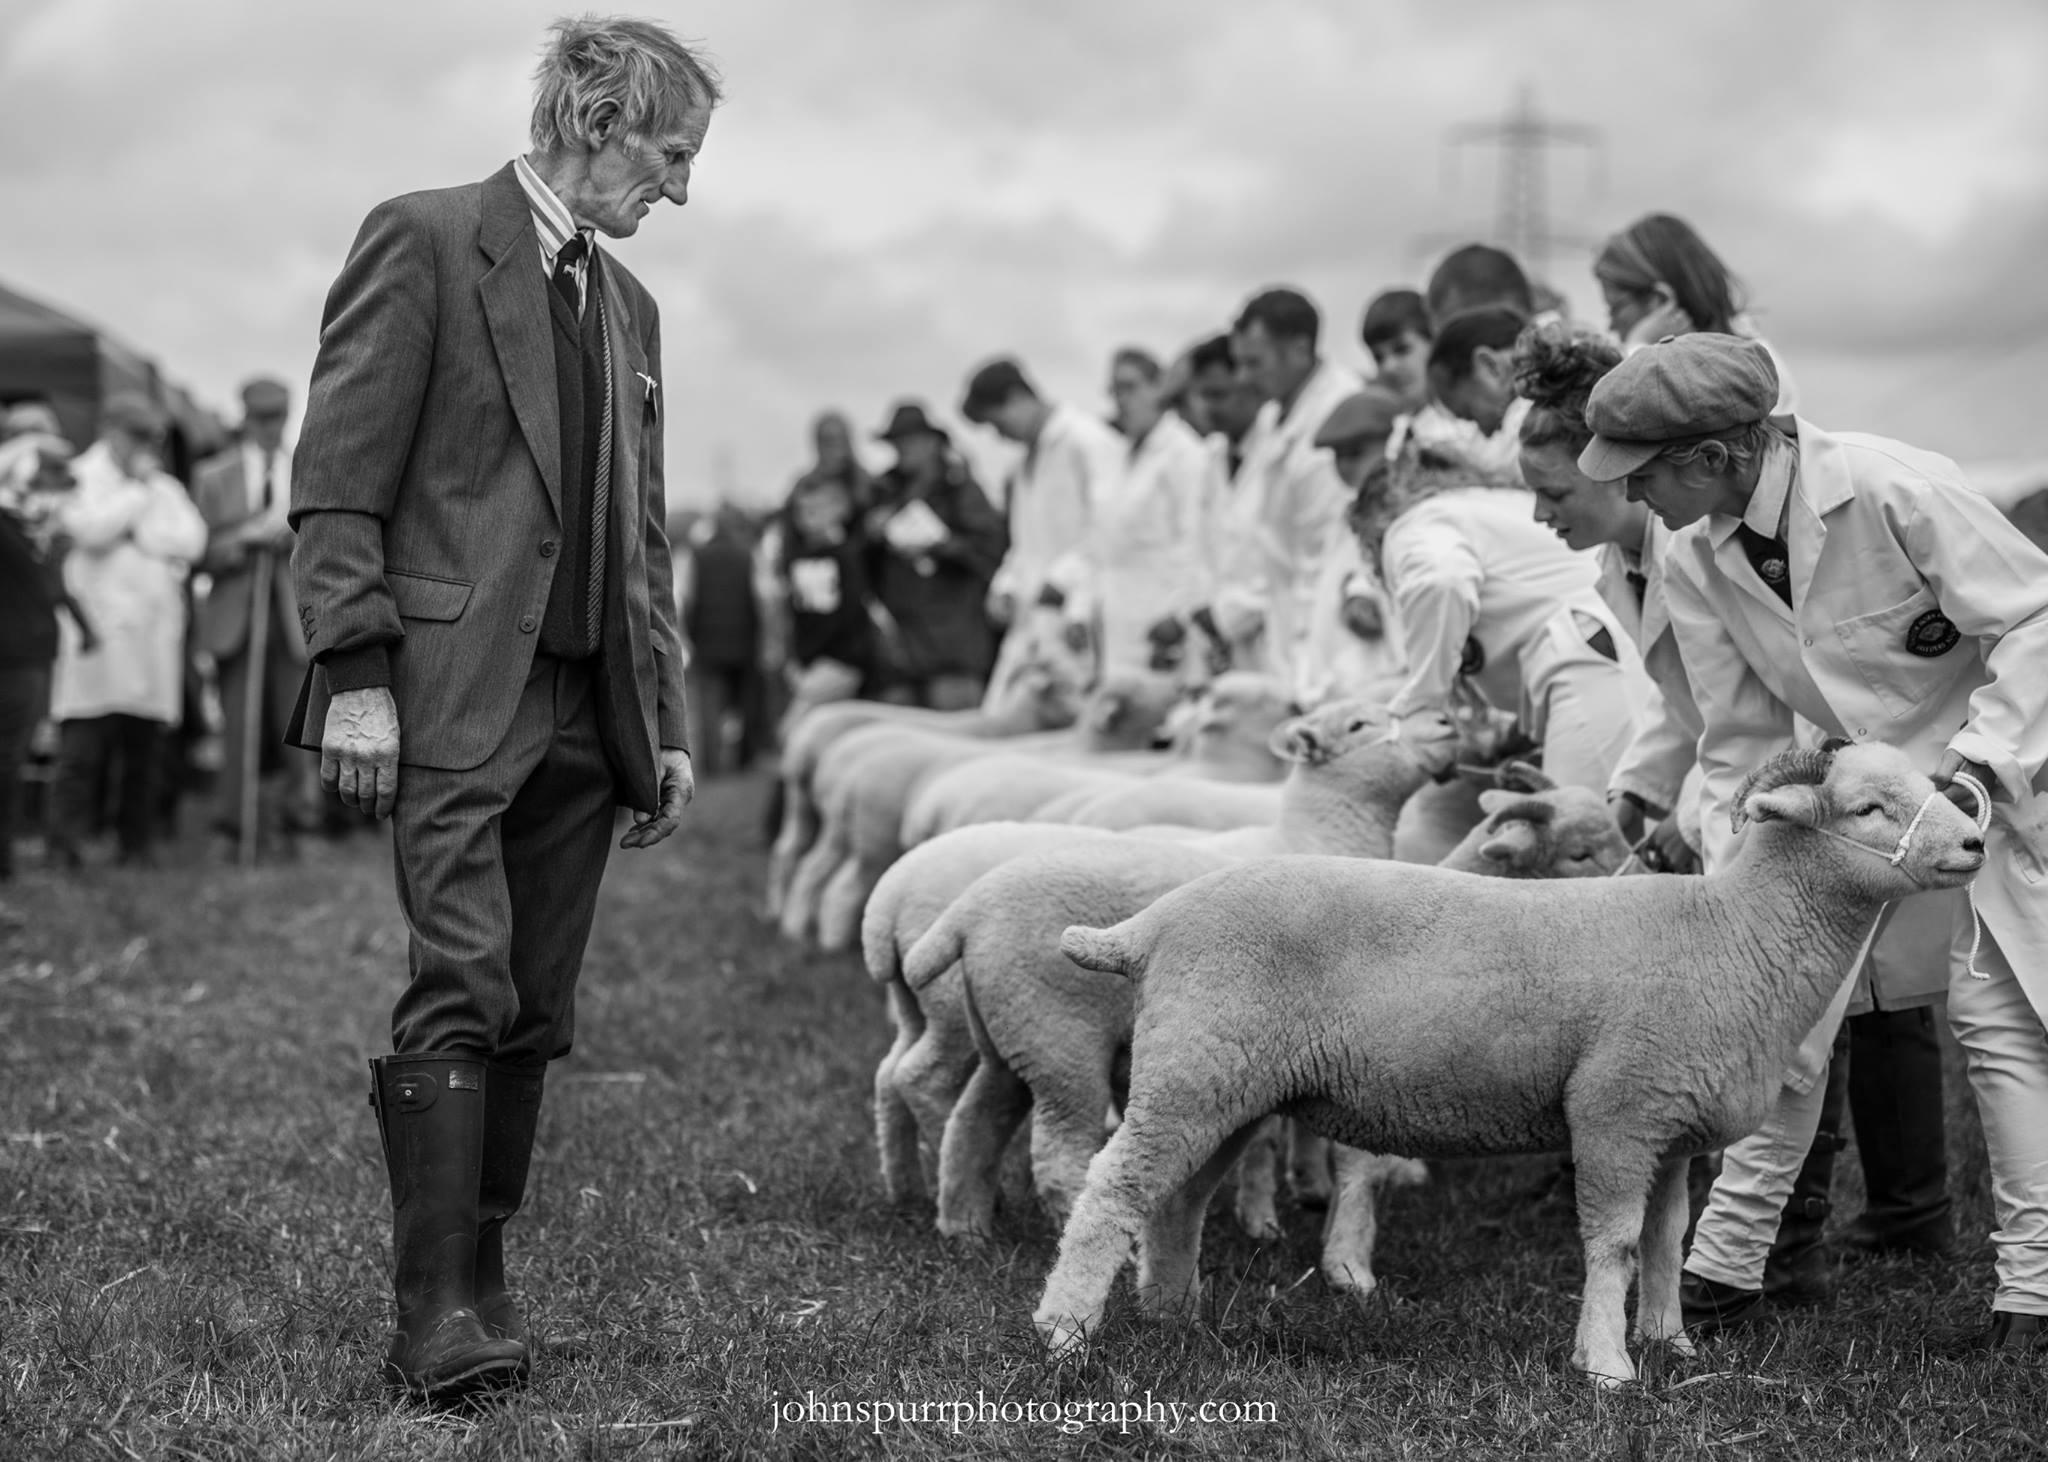 303 John Spurr Exmoor Horn sheep being judged.